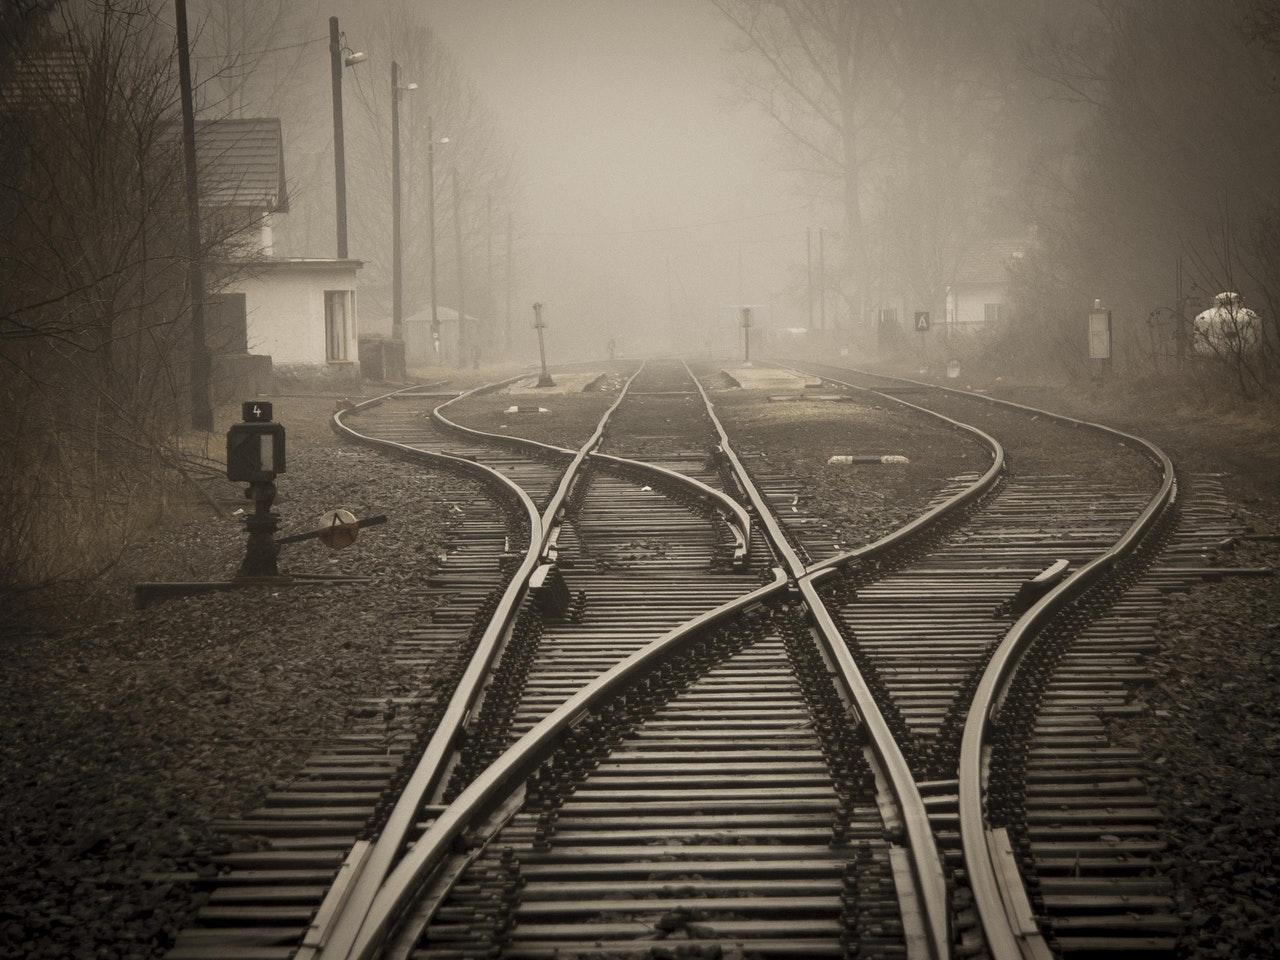 railroad-tracks-in-city-258510